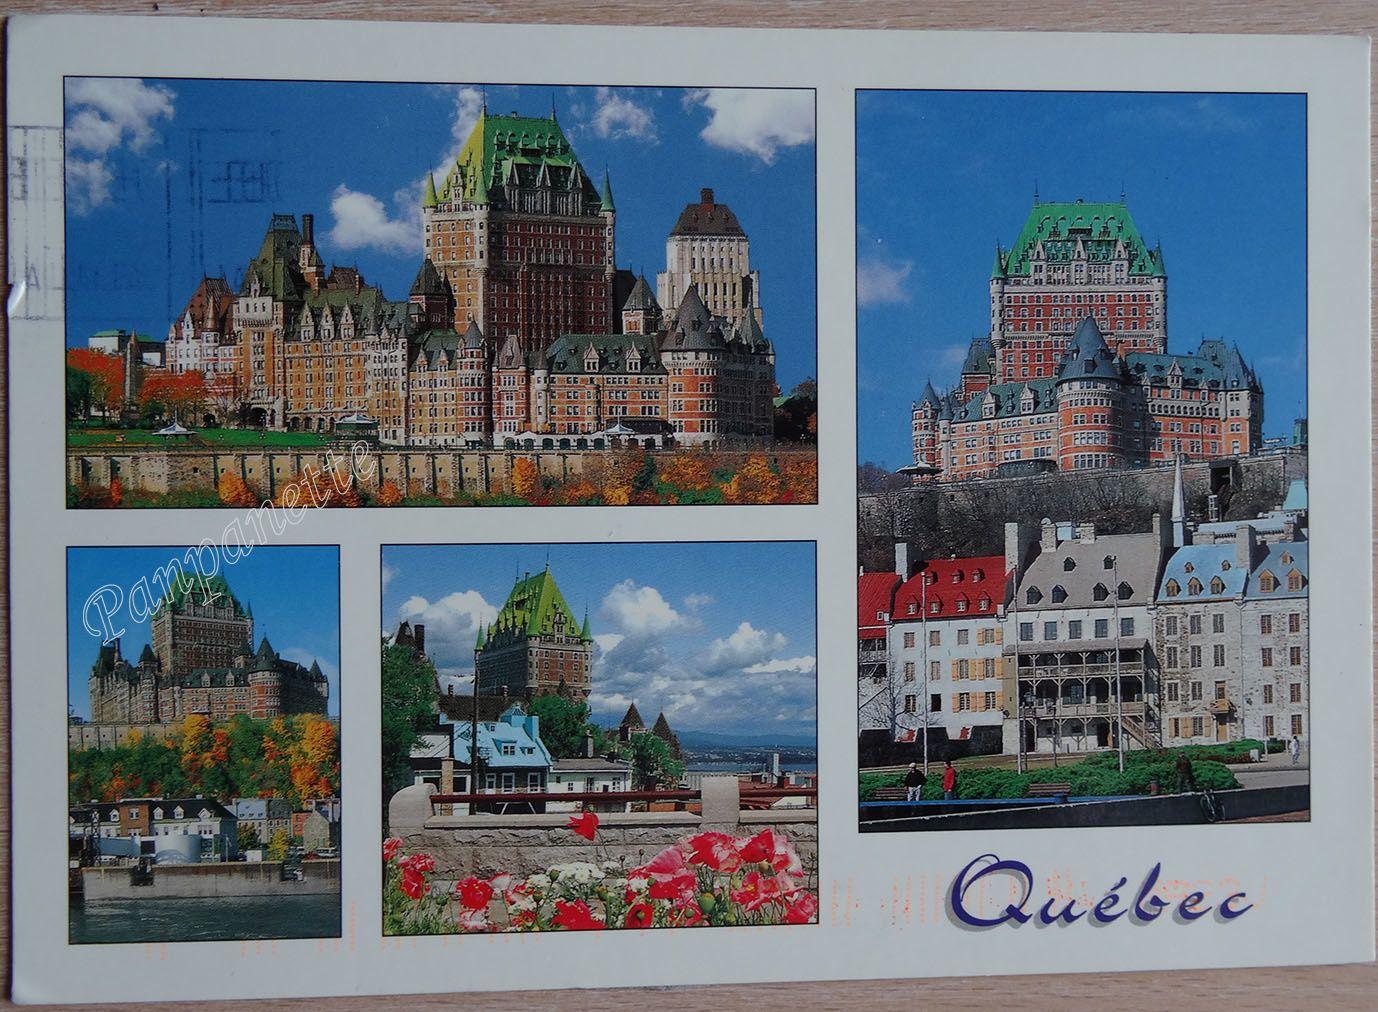 Reçue du Canada (Québec)